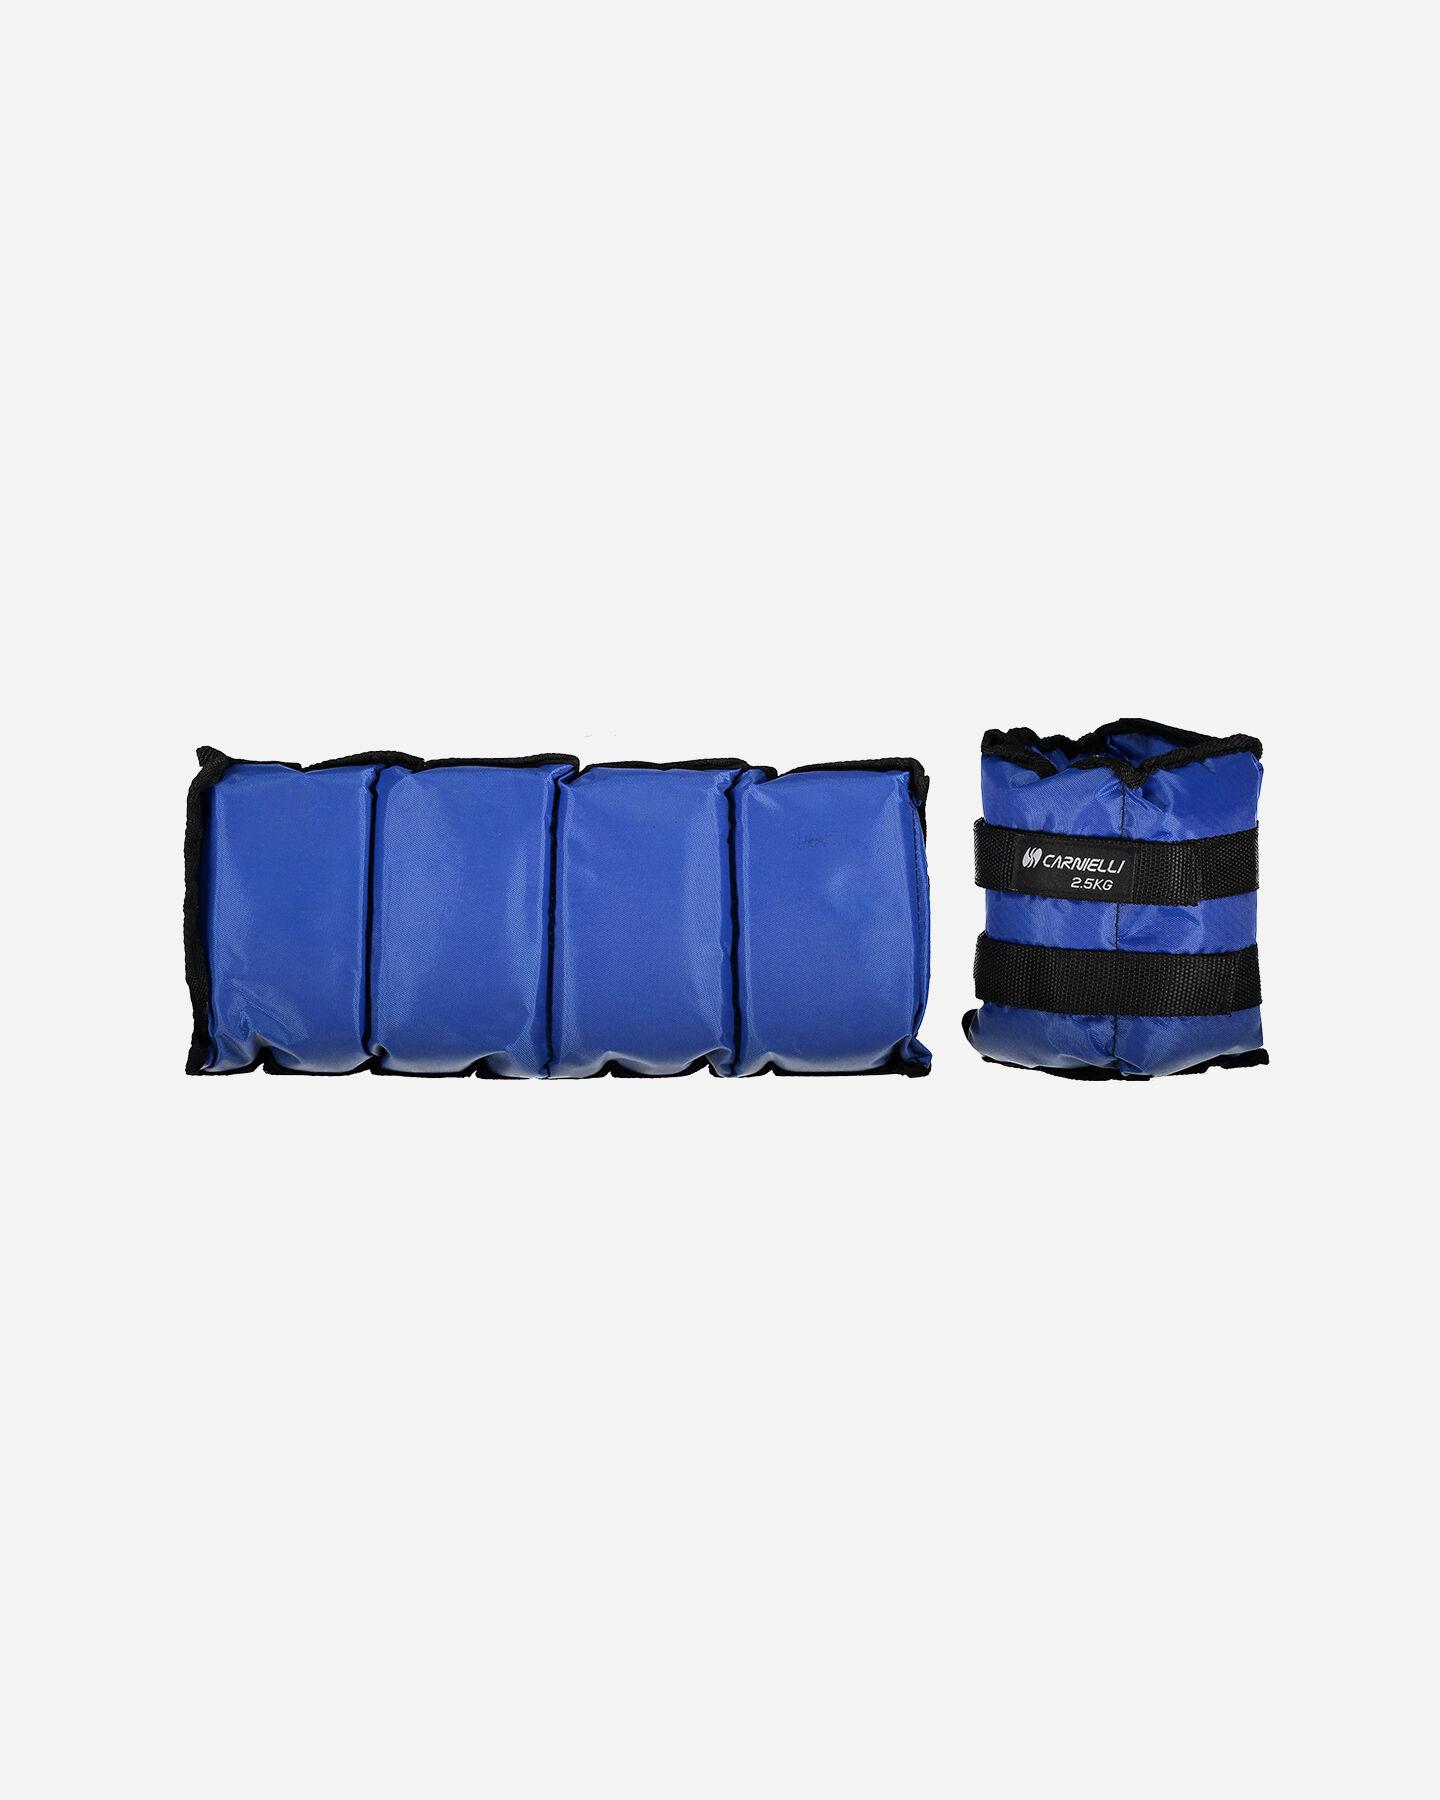 Accessorio pesistica CARNIELLI CAVIGLIERE 2,5 KG S1328749 1 UNI scatto 0